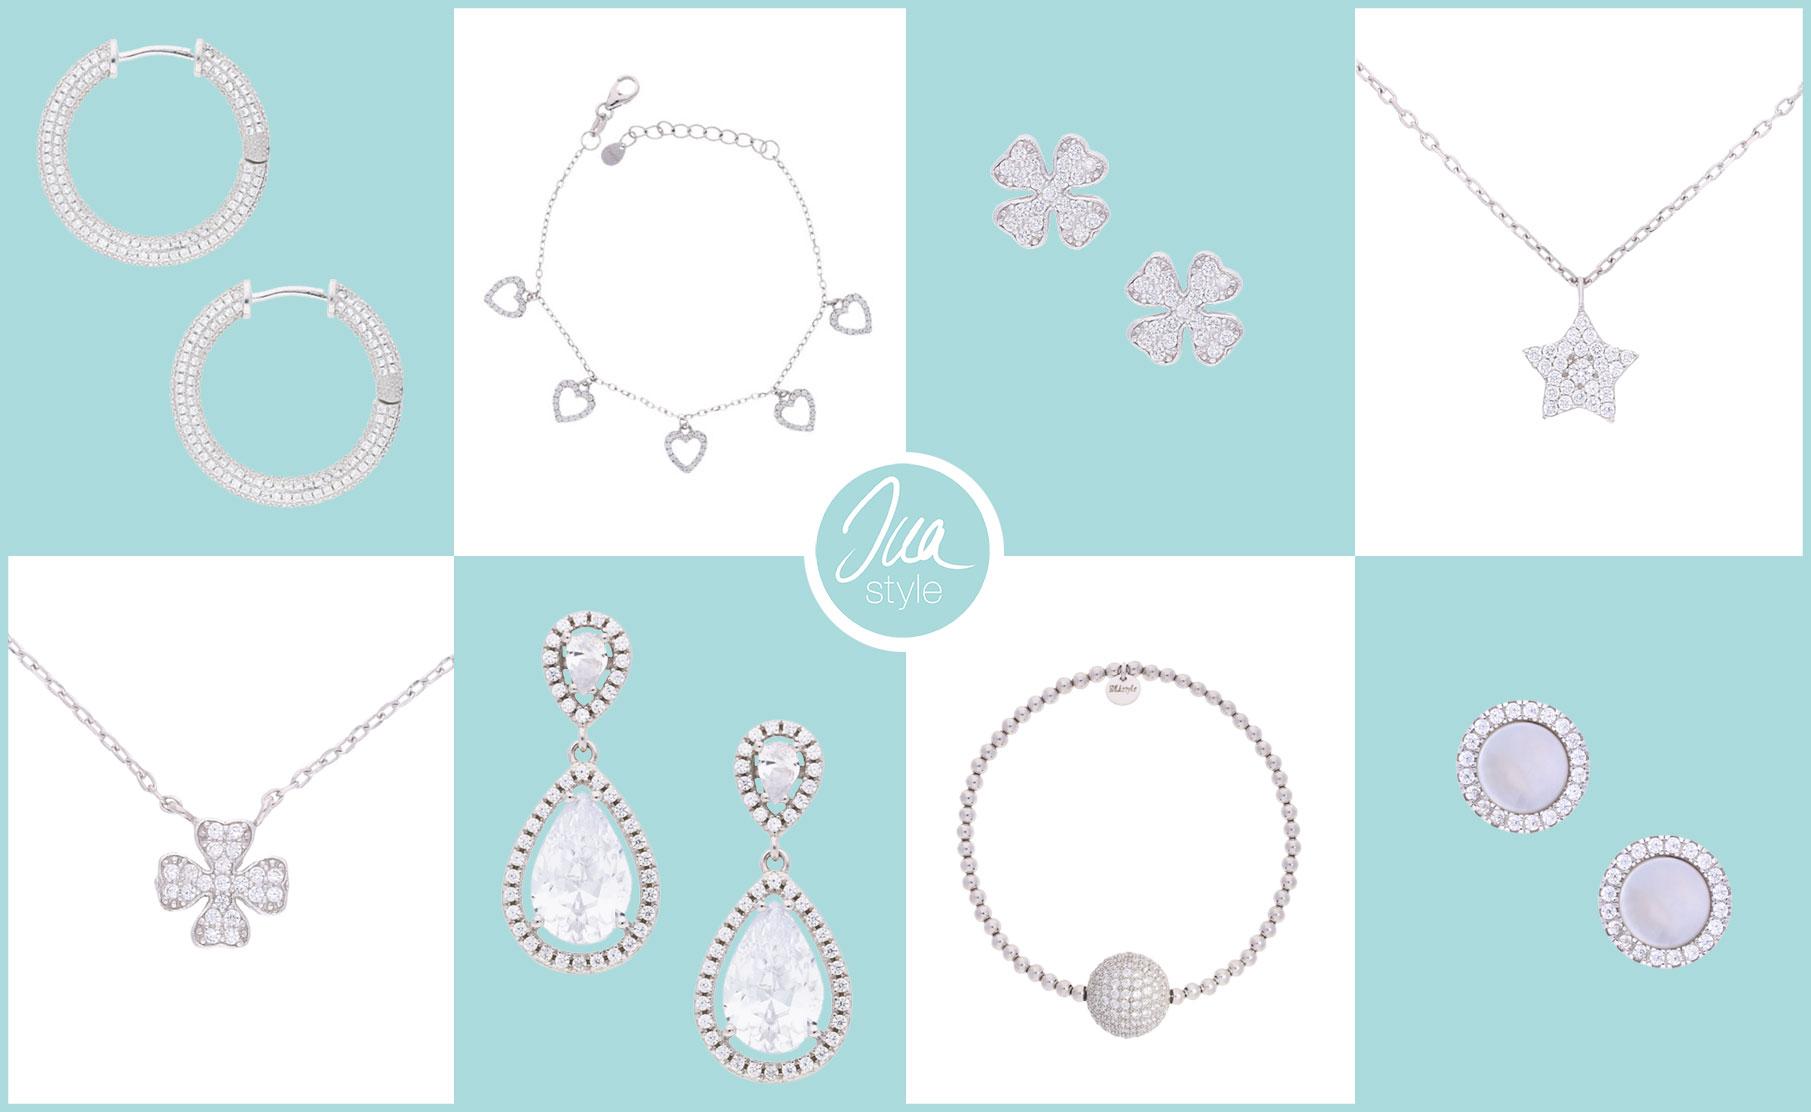 INAstyle I Filigraner Silberschmuck aus 925er-Silber, Zirkonia und Perlmutt - Ohrringe, Armbänder und Halsketten!